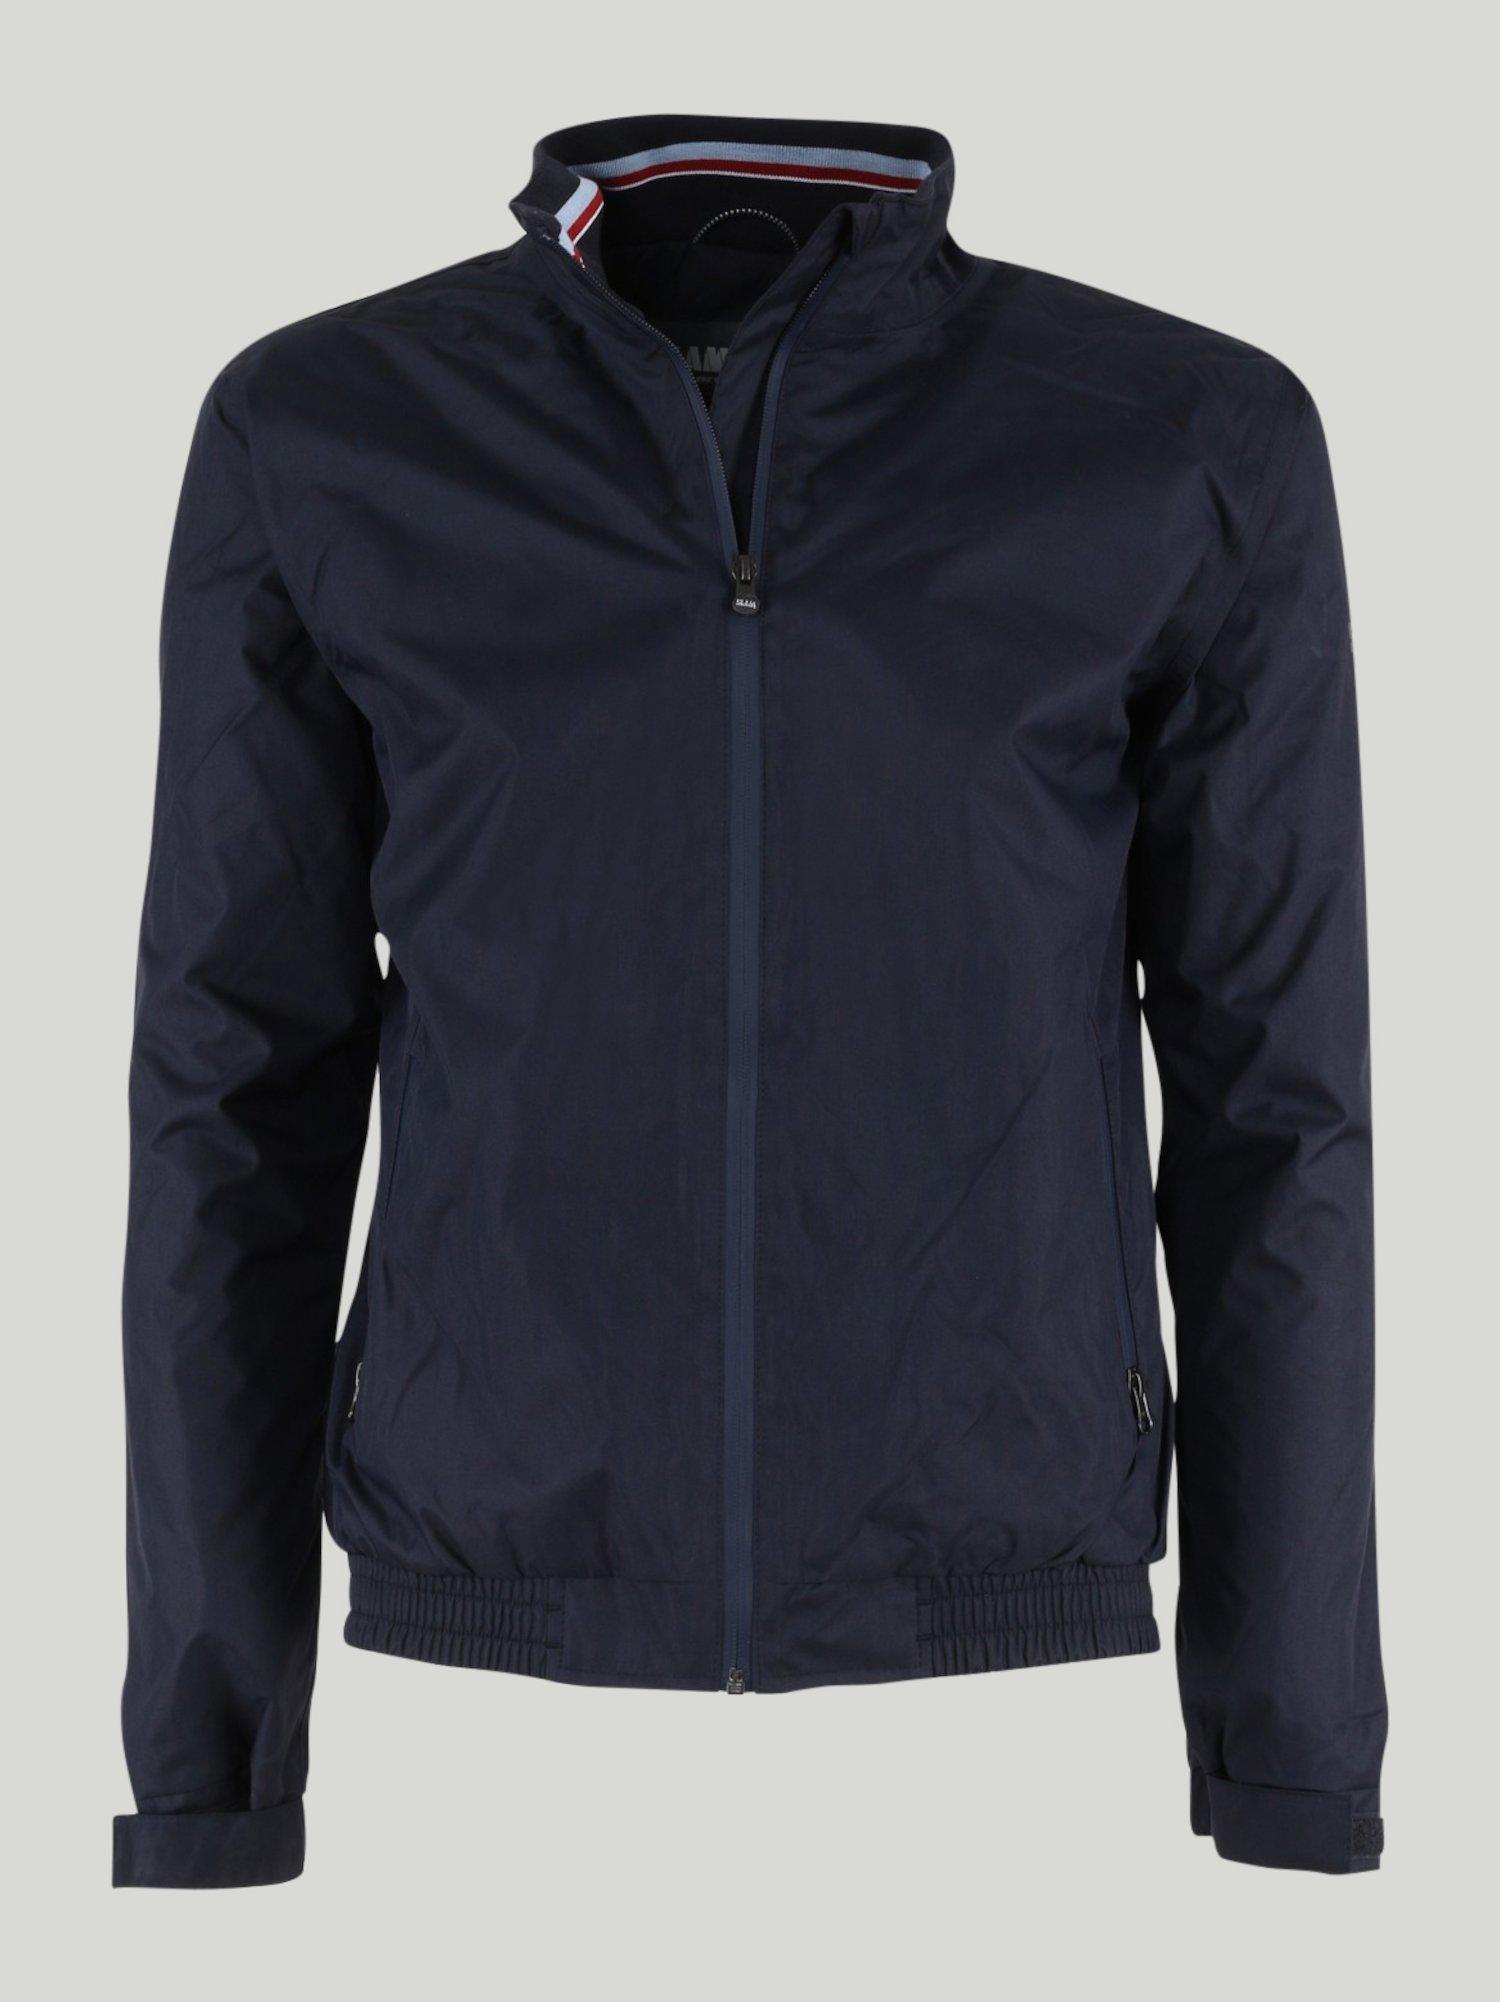 Picolit jacket - Navy